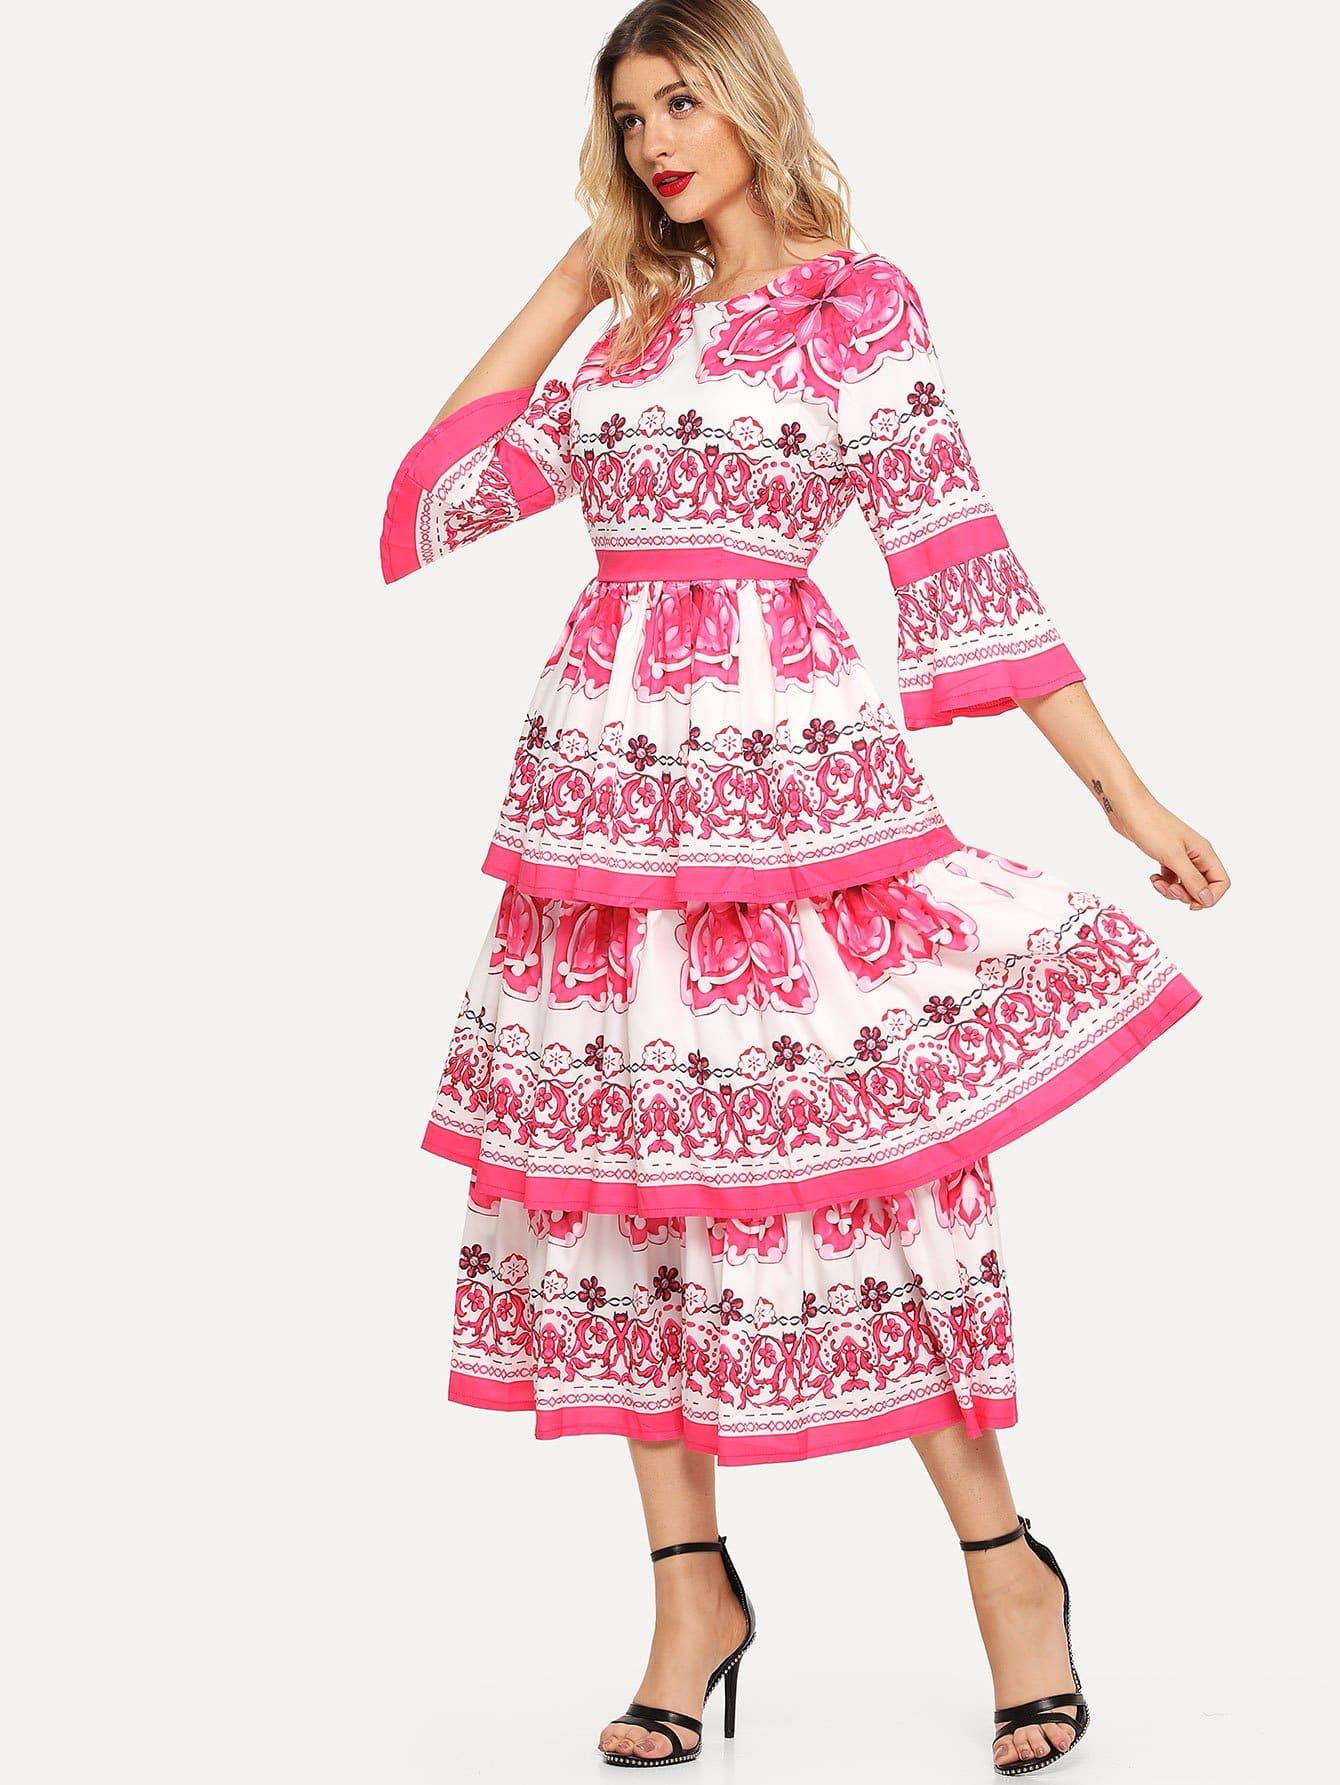 Купить Ситцевое накрахмаленное платье и рукава с розеткой, Nathane, SheIn